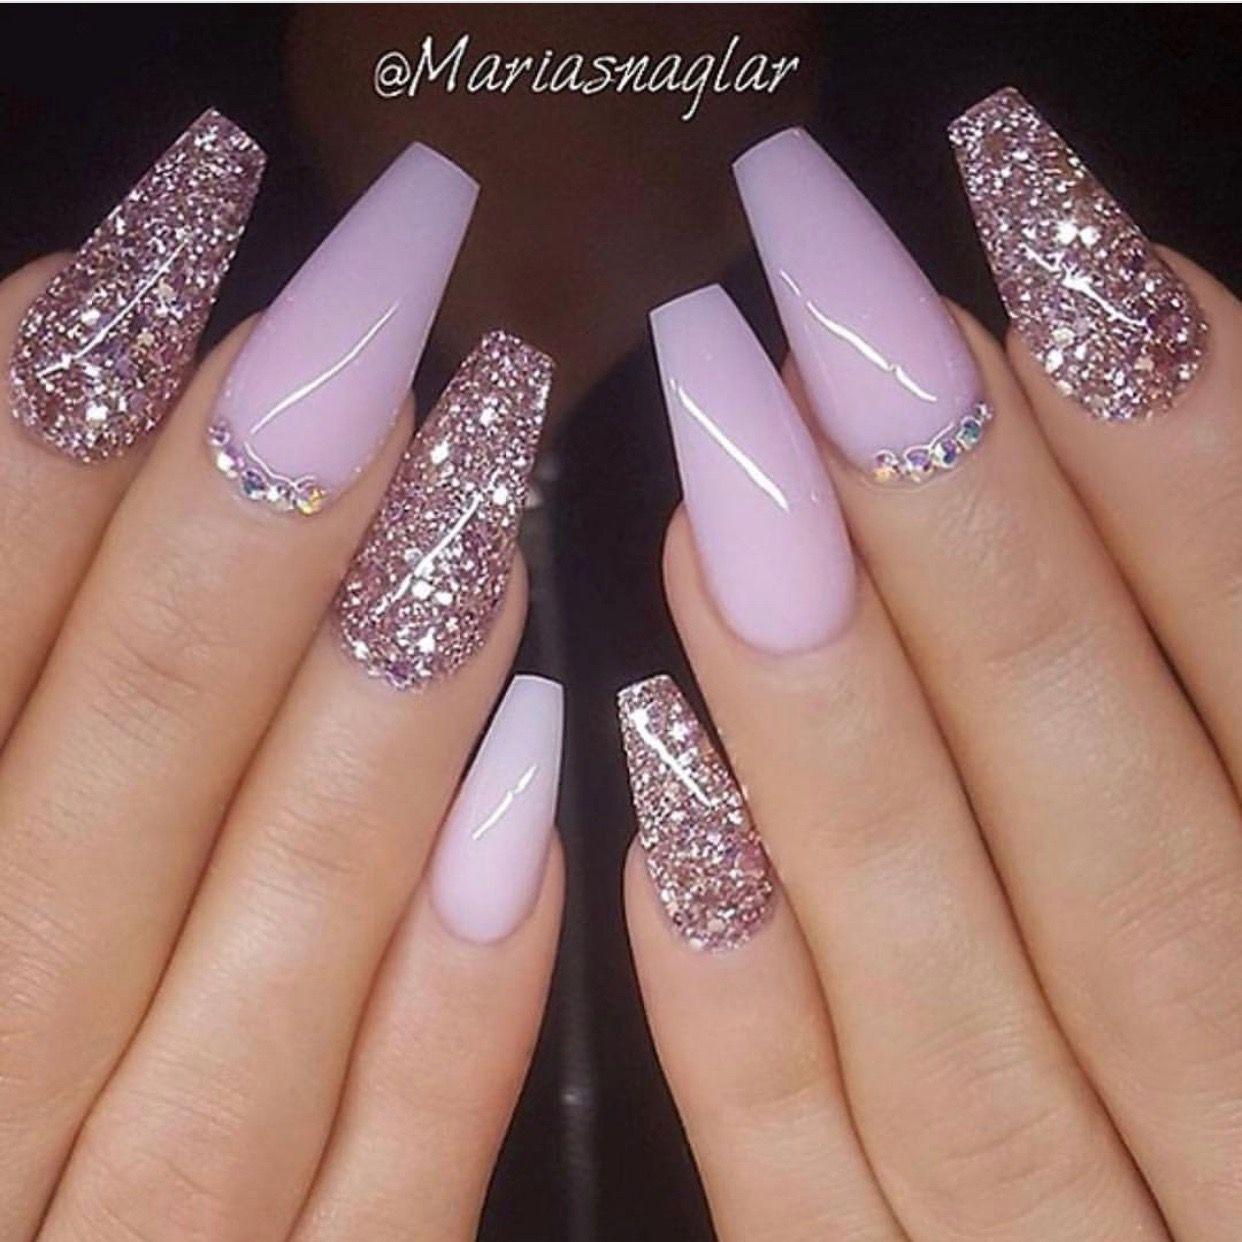 Pin by epi guzman on love la nails | Pinterest | Makeup, Nail nail ...